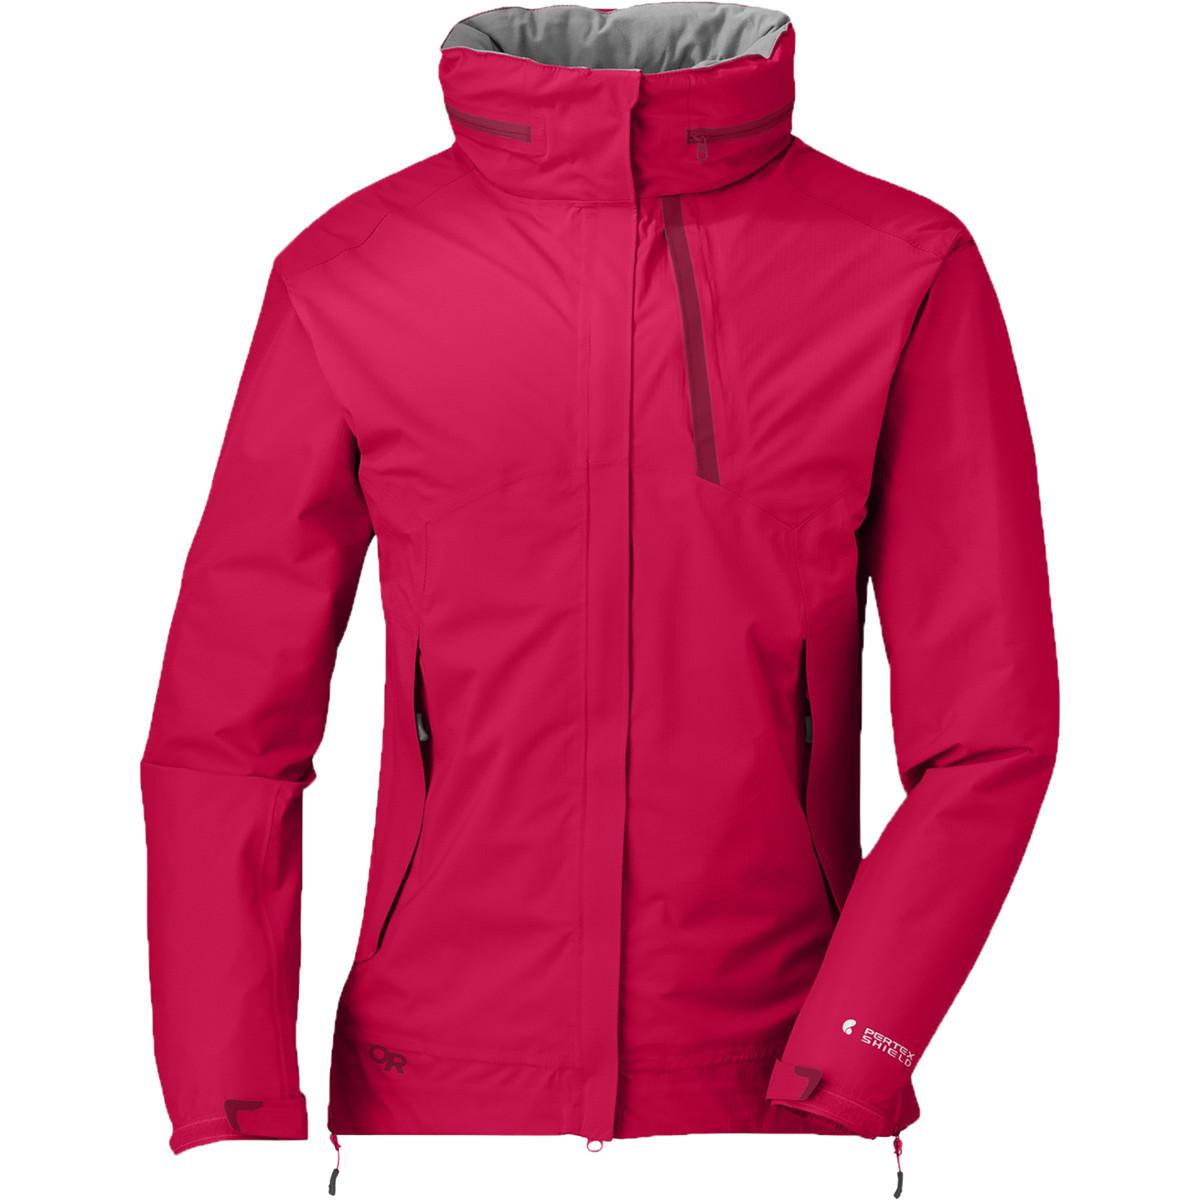 Outdoor Research Reflexa Jacket